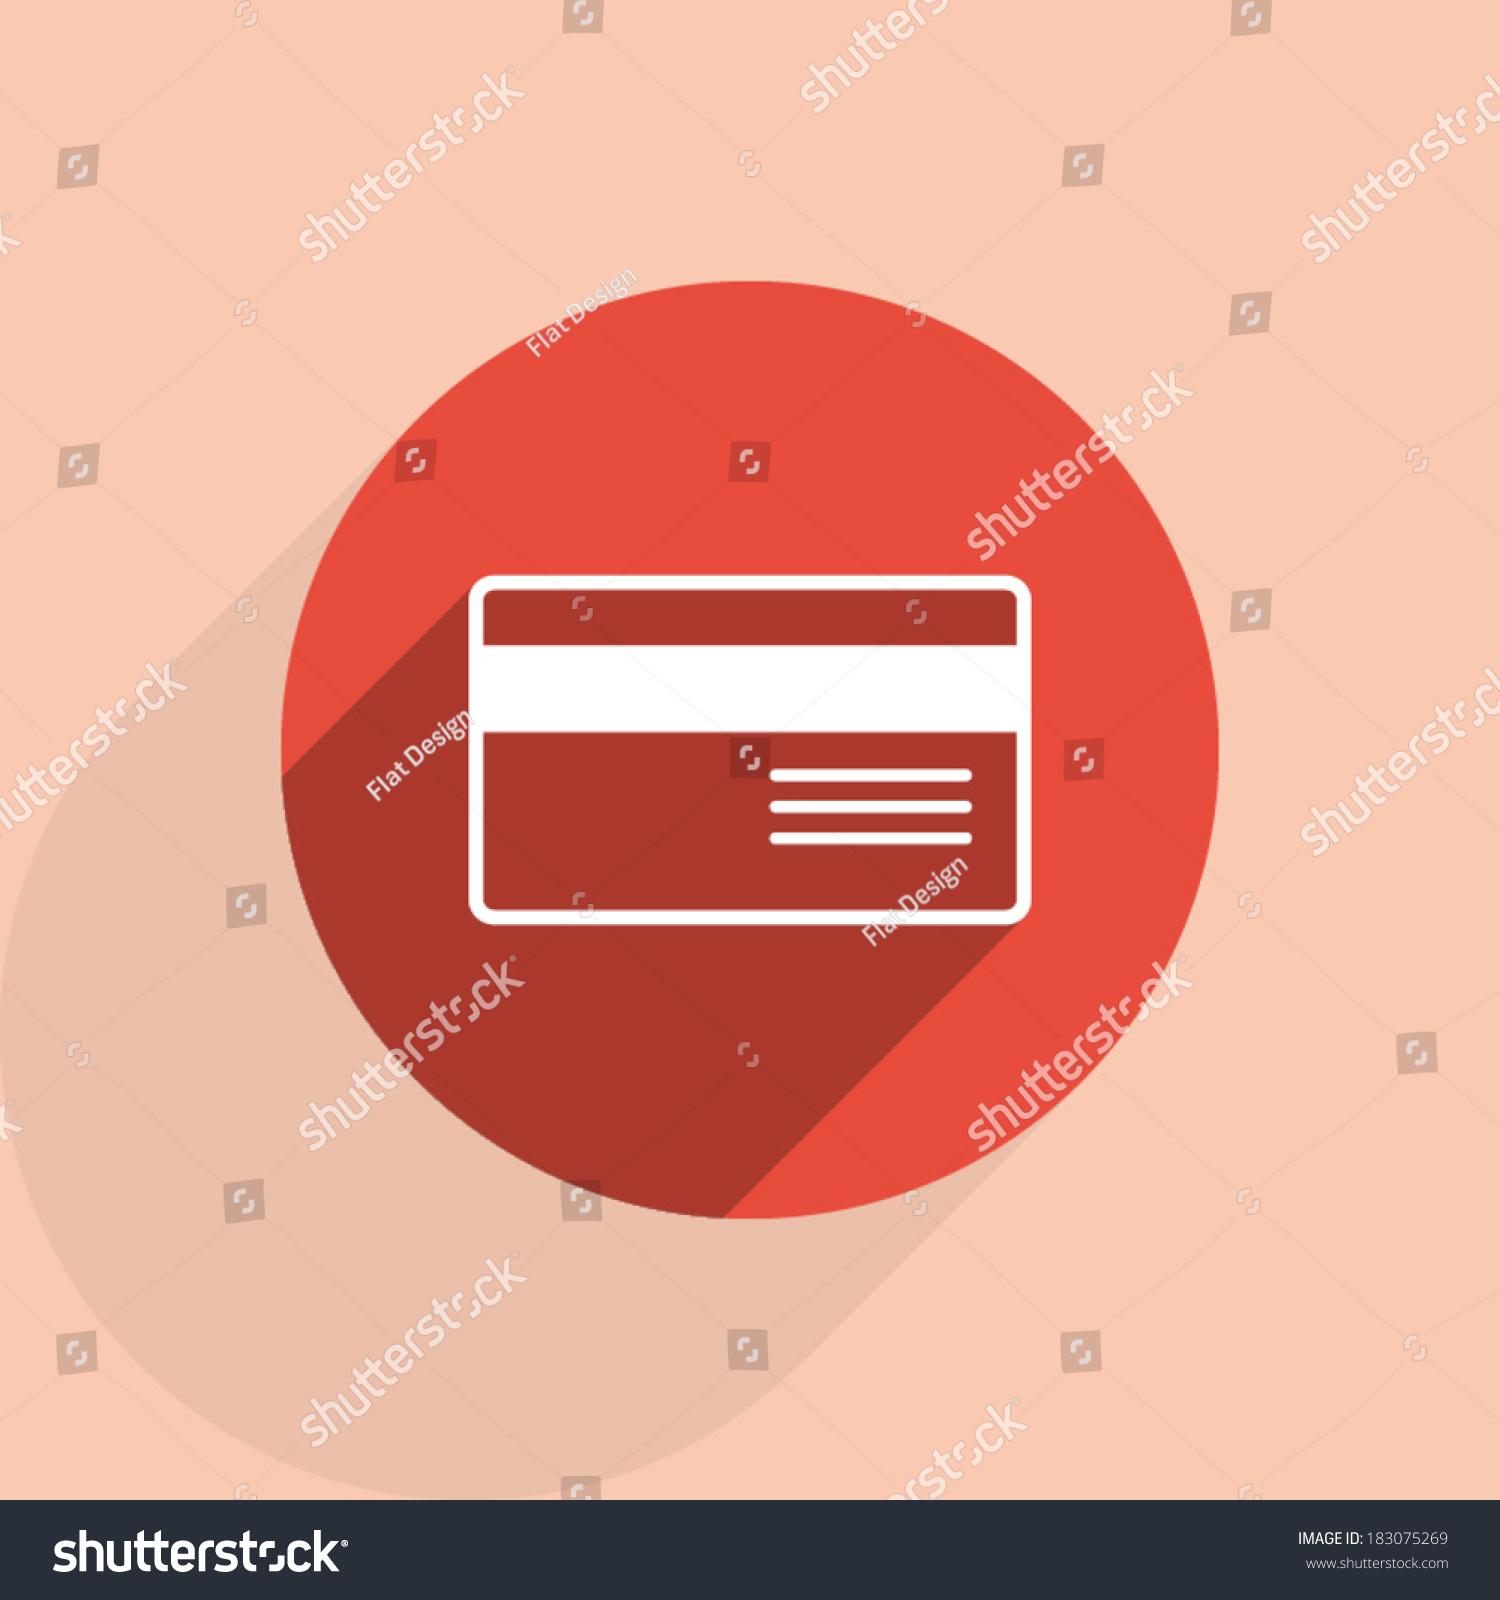 银行信用卡图标,矢量图.平面设计风格